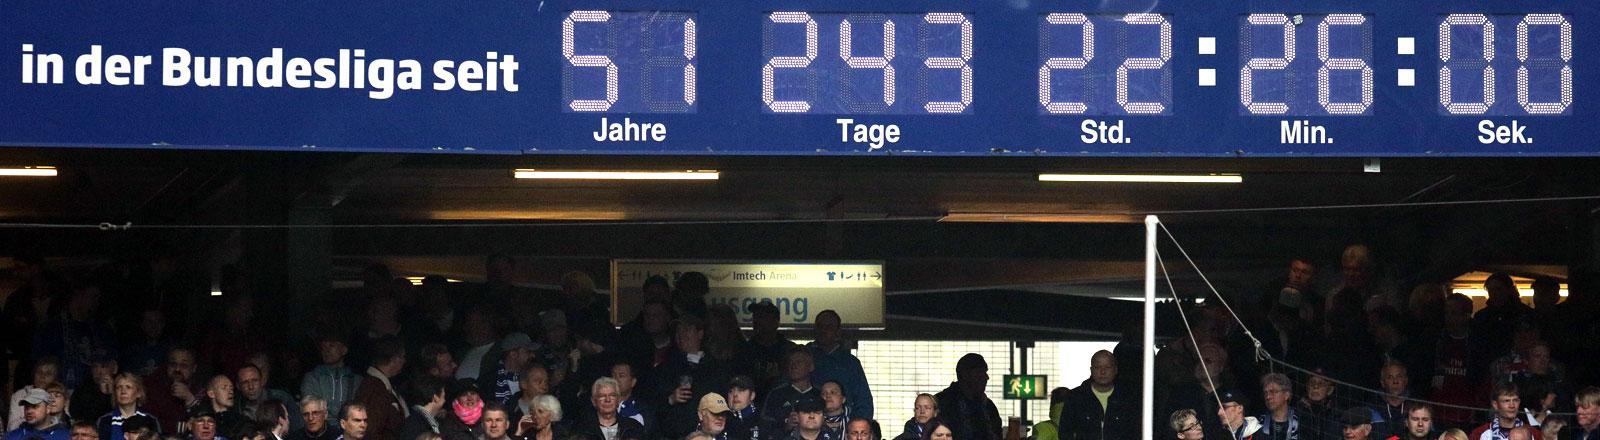 Die Stadionuhr des HSV.